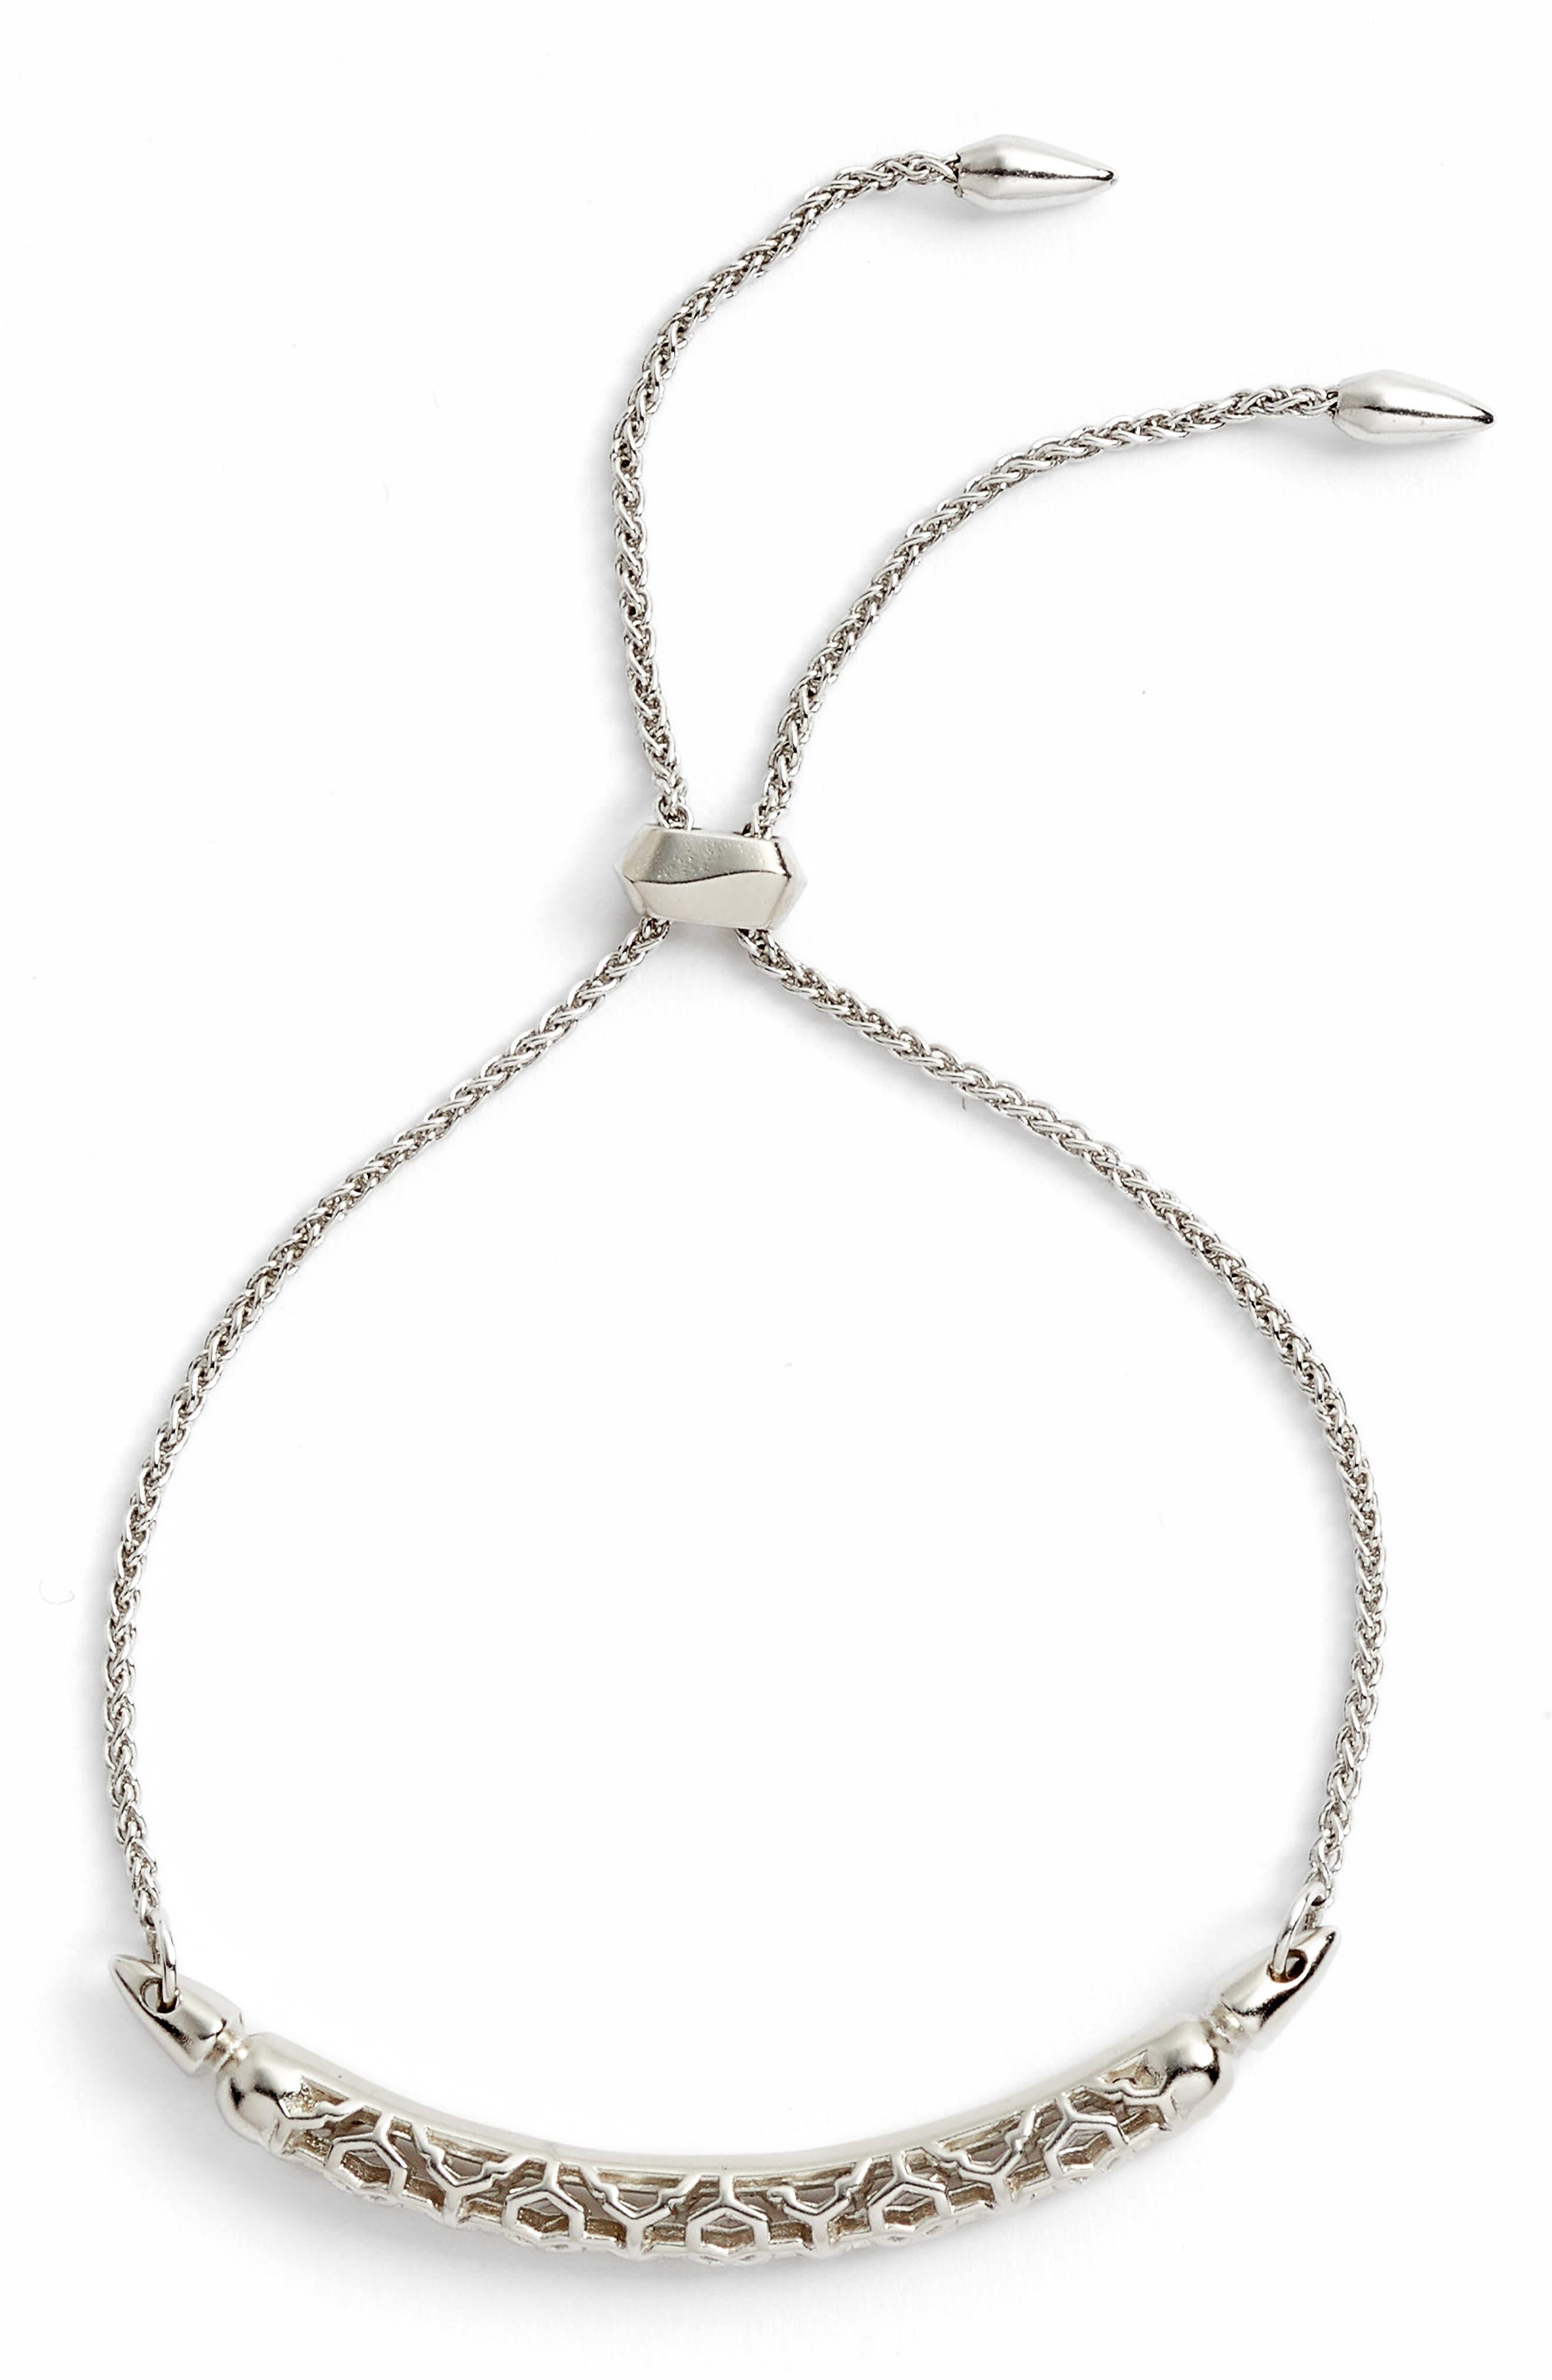 KENDRA SCOTT Gilly Adjustable Bracelet, Main, color, SILVER FILIGREE